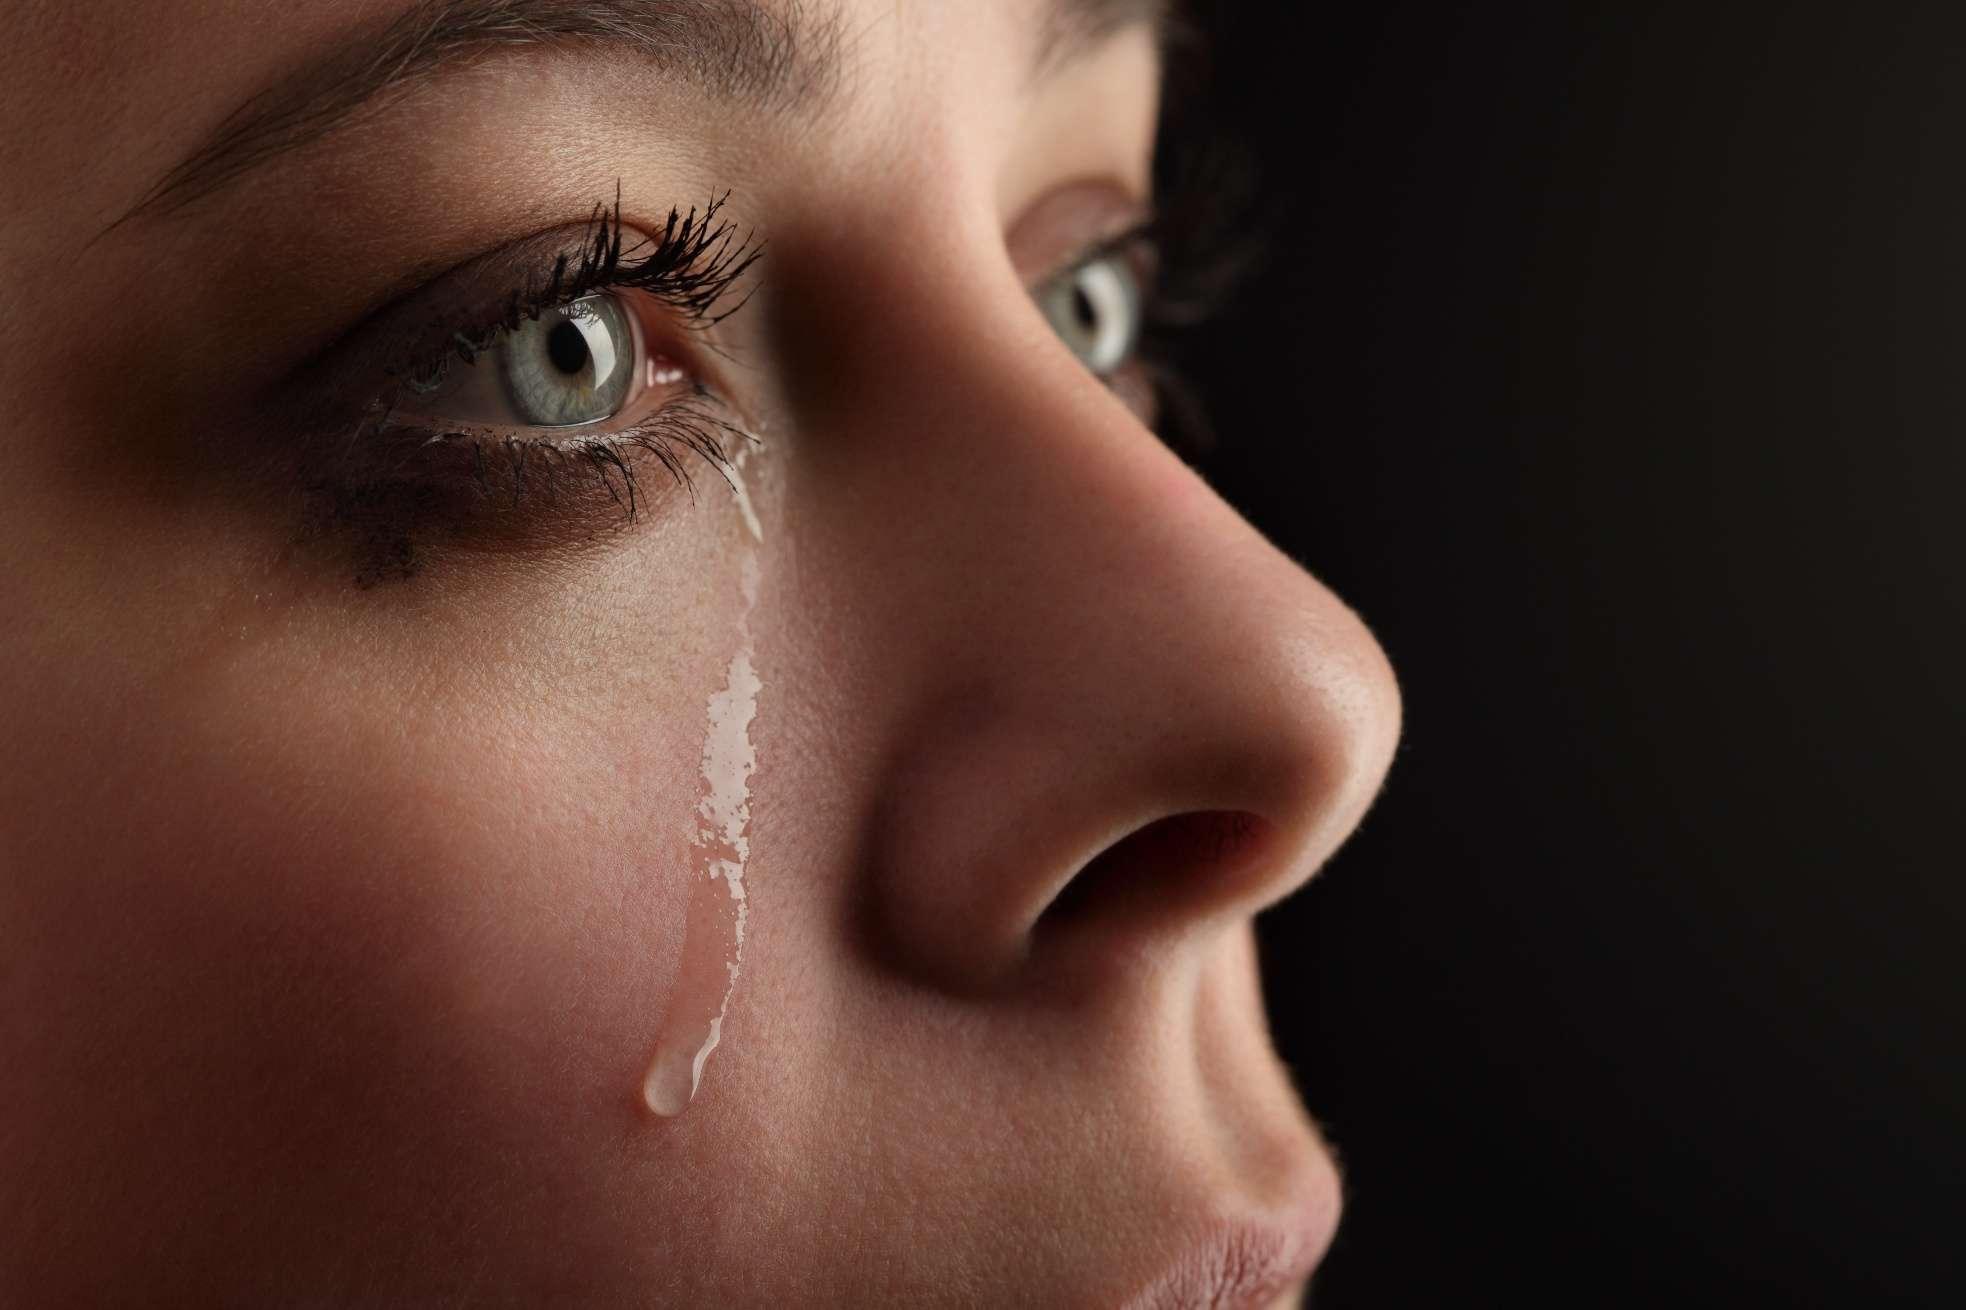 Por que no inverno meu olho lacrimeja mais?